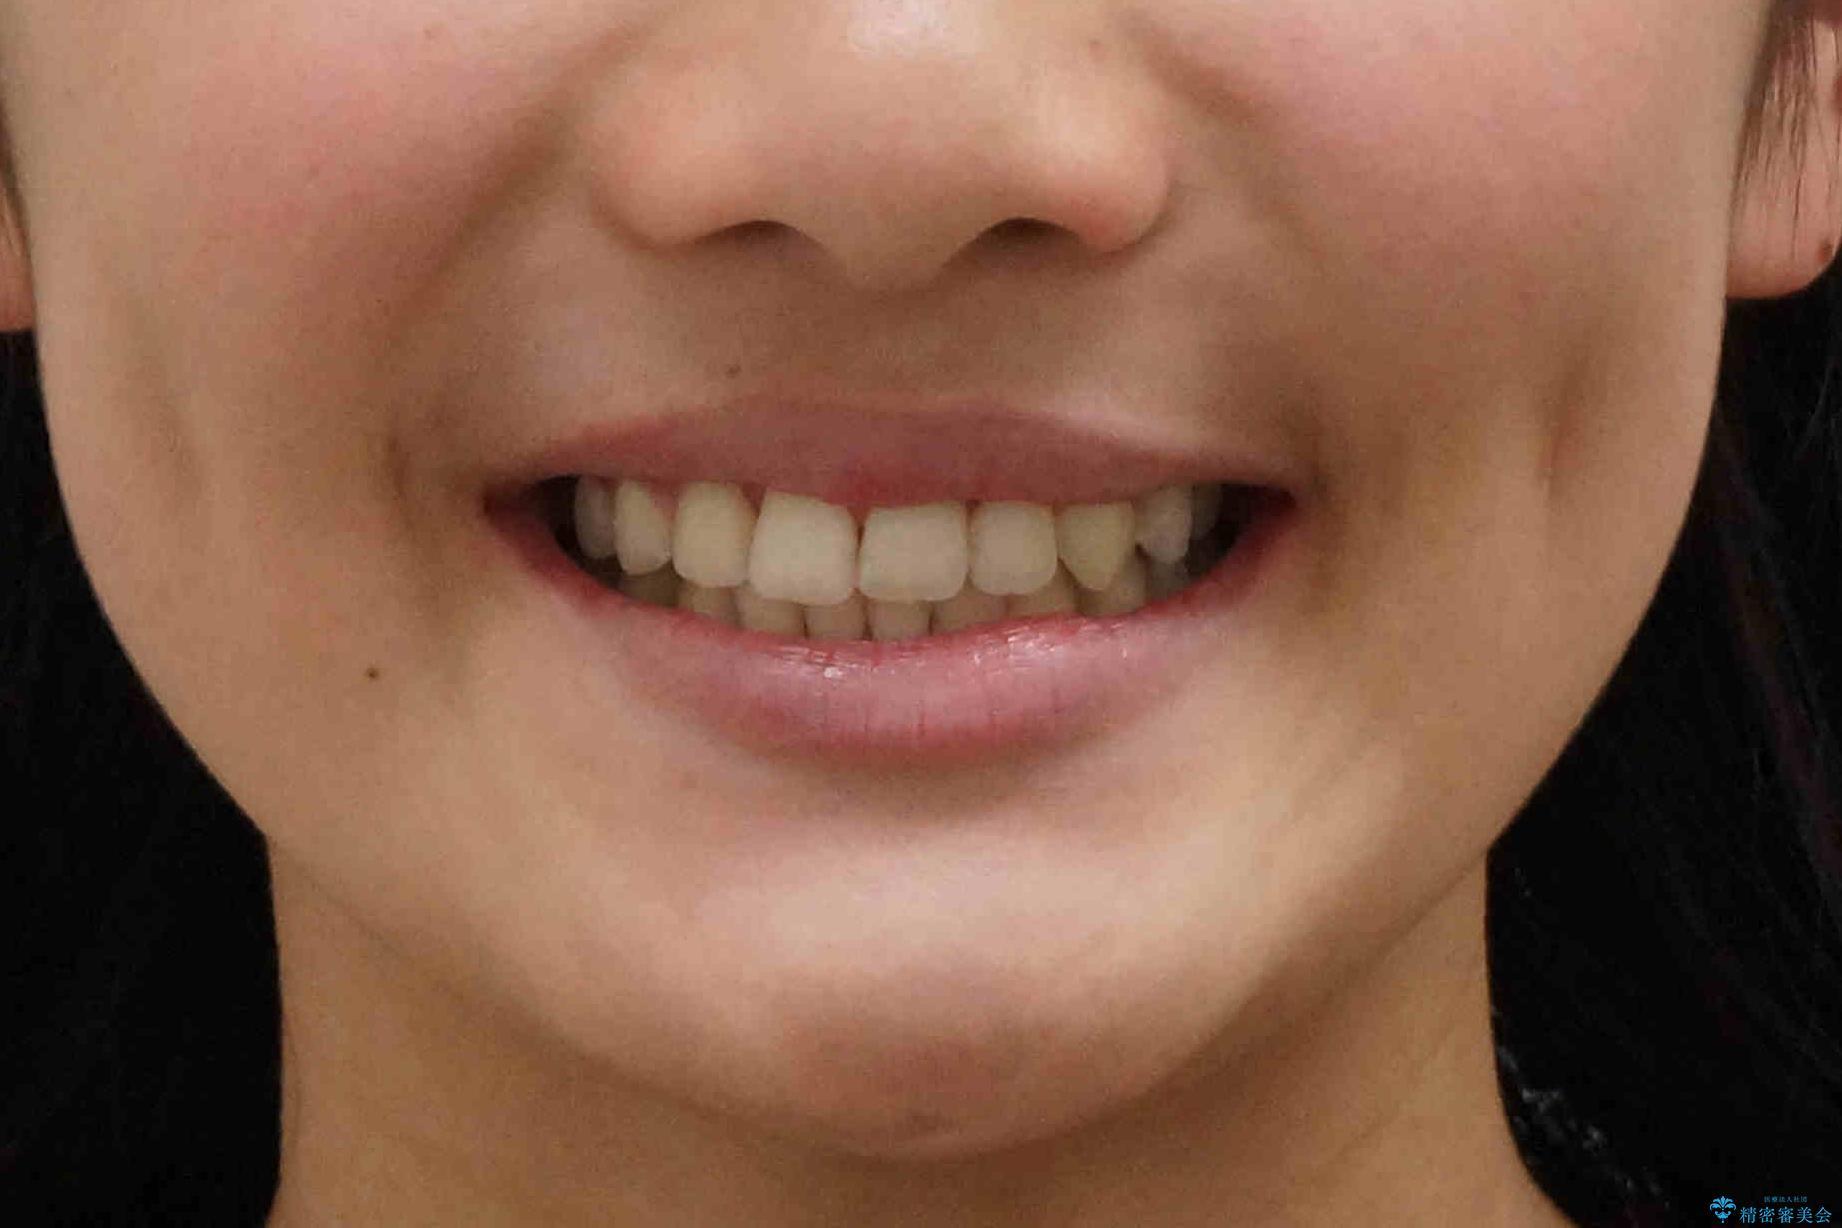 埋まっている犬歯を抜歯して、歯列矯正の治療後(顔貌)